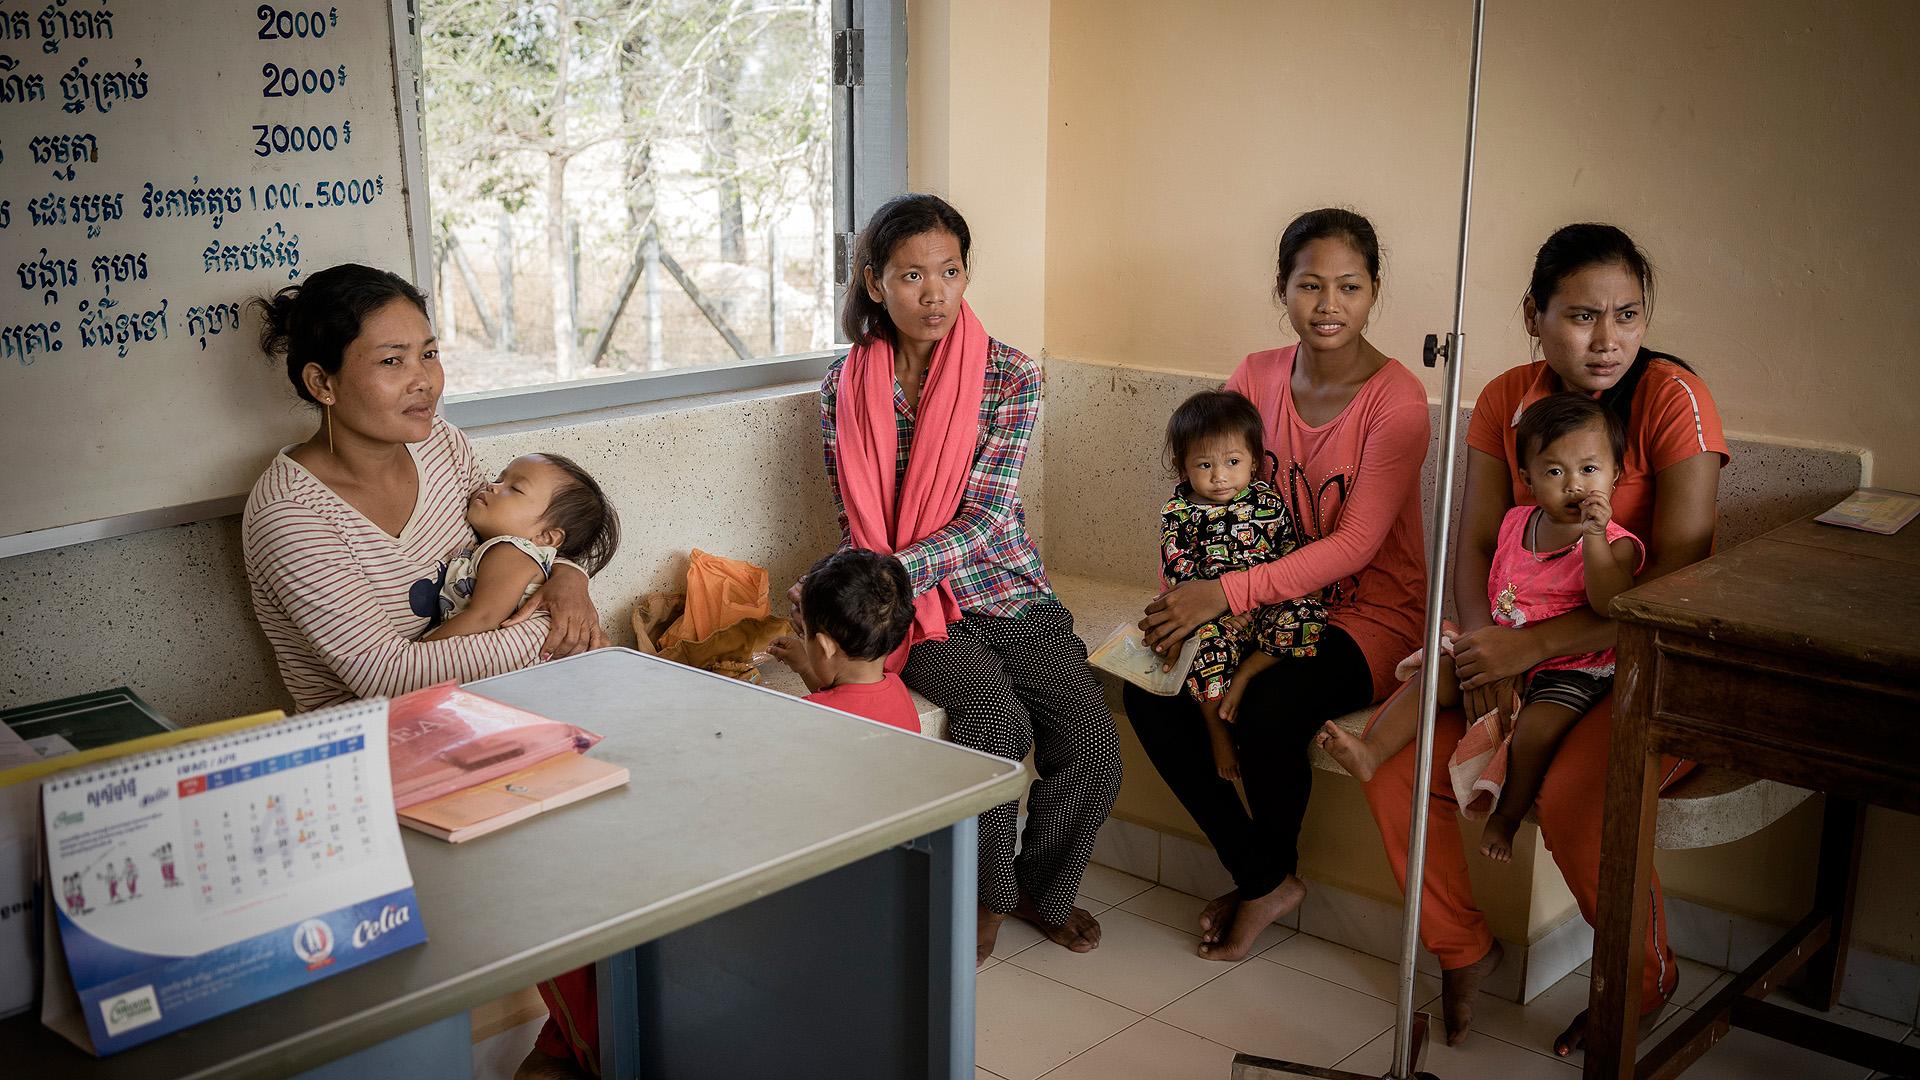 Mütter und Kinder, die an einer Wachstumsstudie teilnehmen, warten in einem Wartezimmer in Prey Veng, Kambodscha